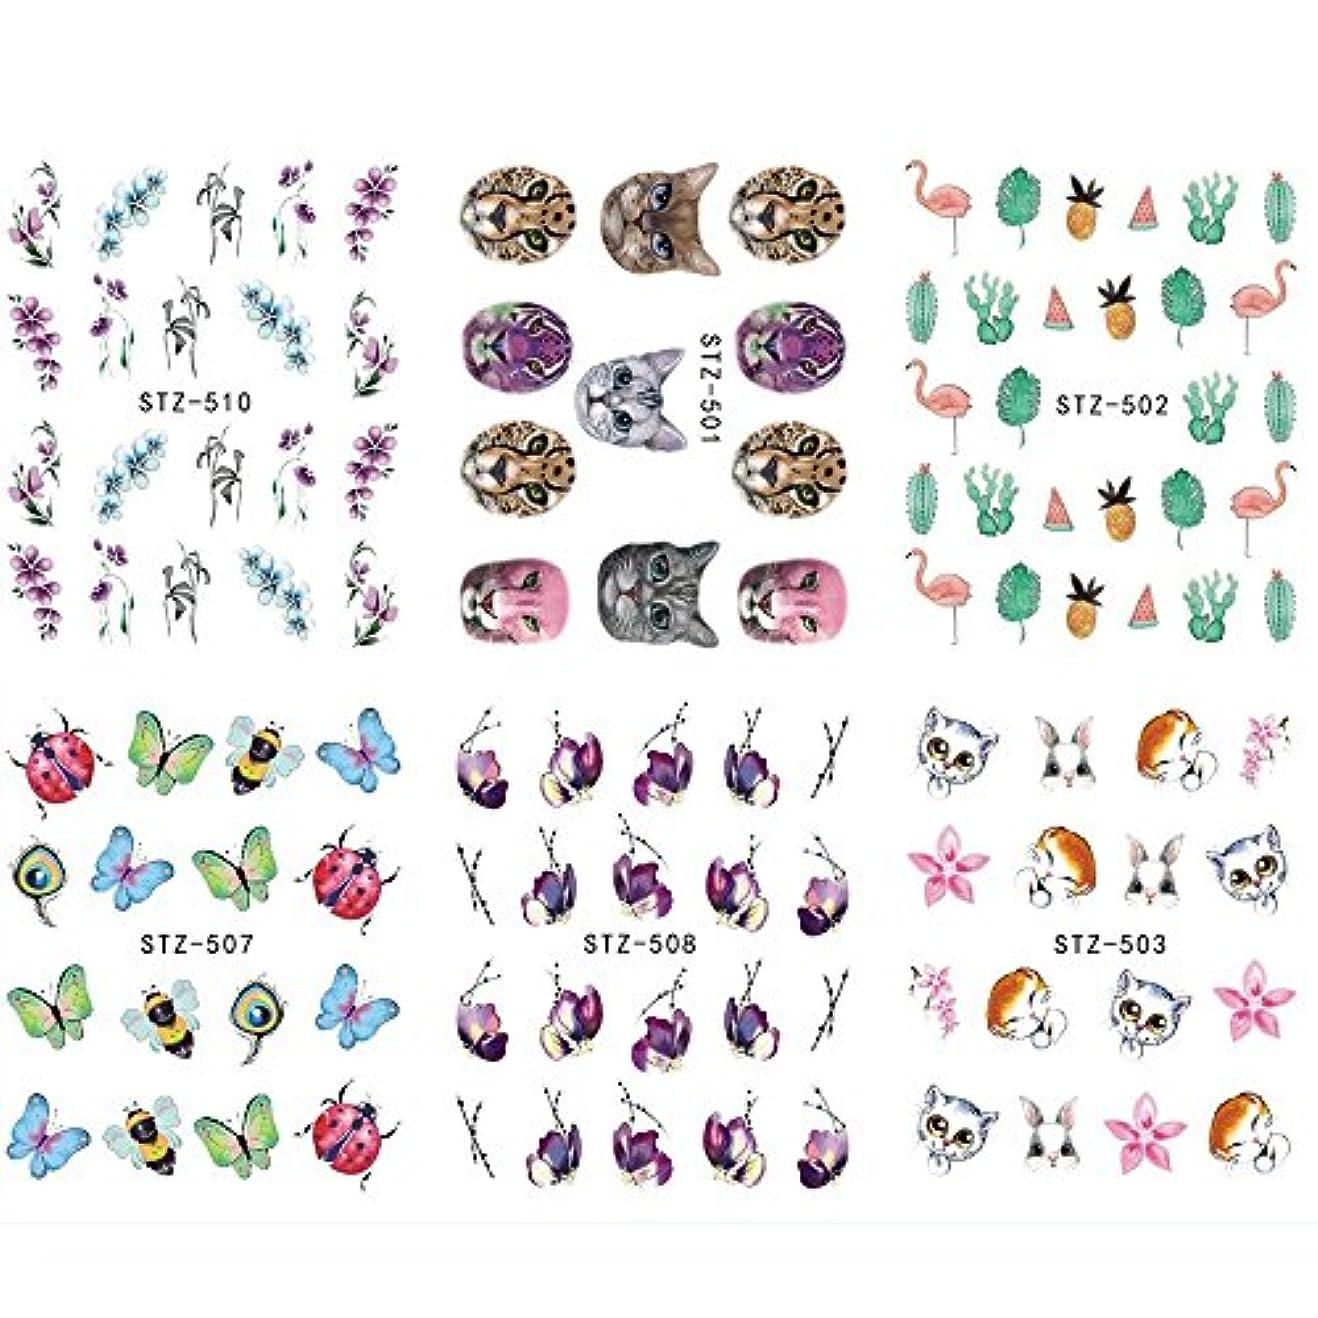 編集者インペリアル歌詞SUKTI&XIAO ネイルステッカー 12ピース花植物動物ネイルアートステッカー水転写デカールスライダータトゥーフルカバーラップツールの装飾